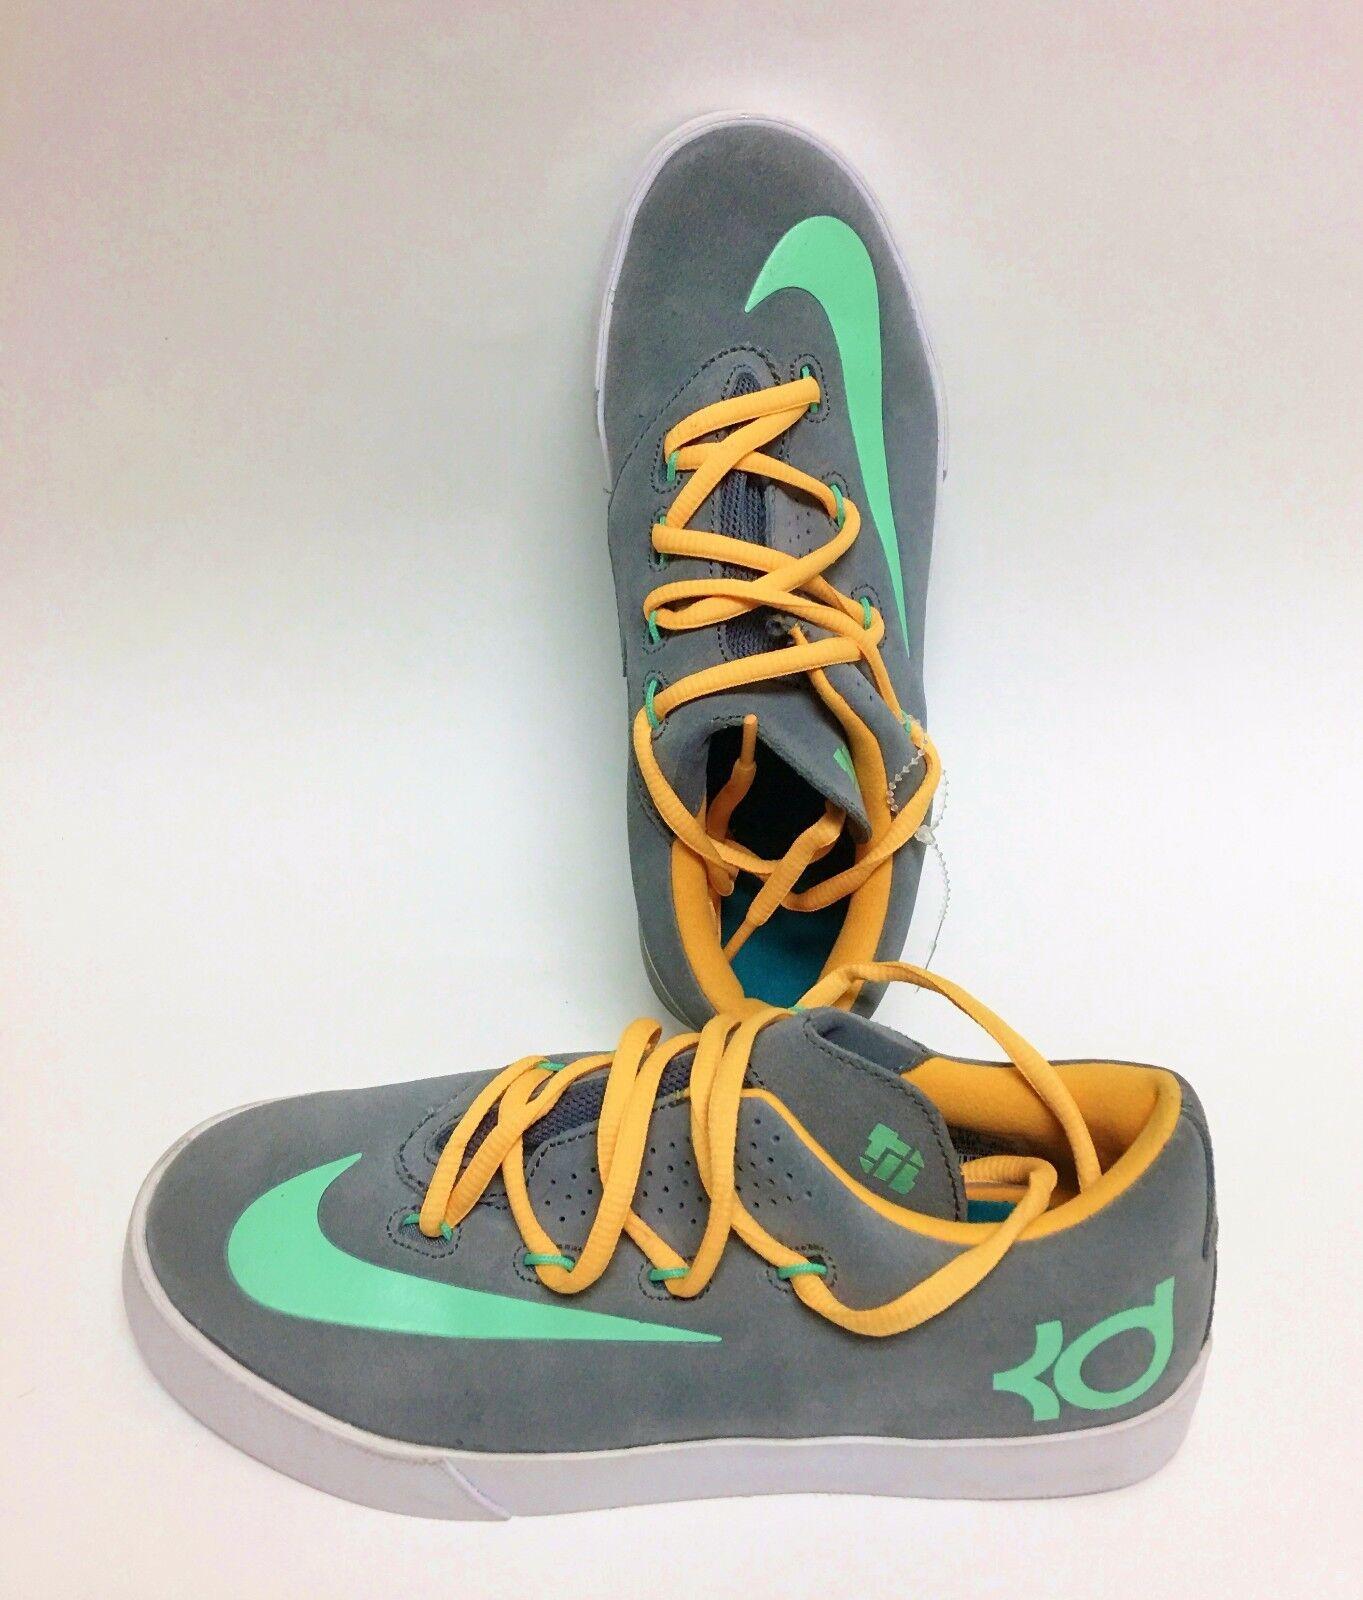 NEW NIKE VULC SUEDE KD SNEAKERS,Gris+Jaune+MINT Vert BOY Chaussures Chaussures Chaussures Taille:US 5Y,EUR3 d73067